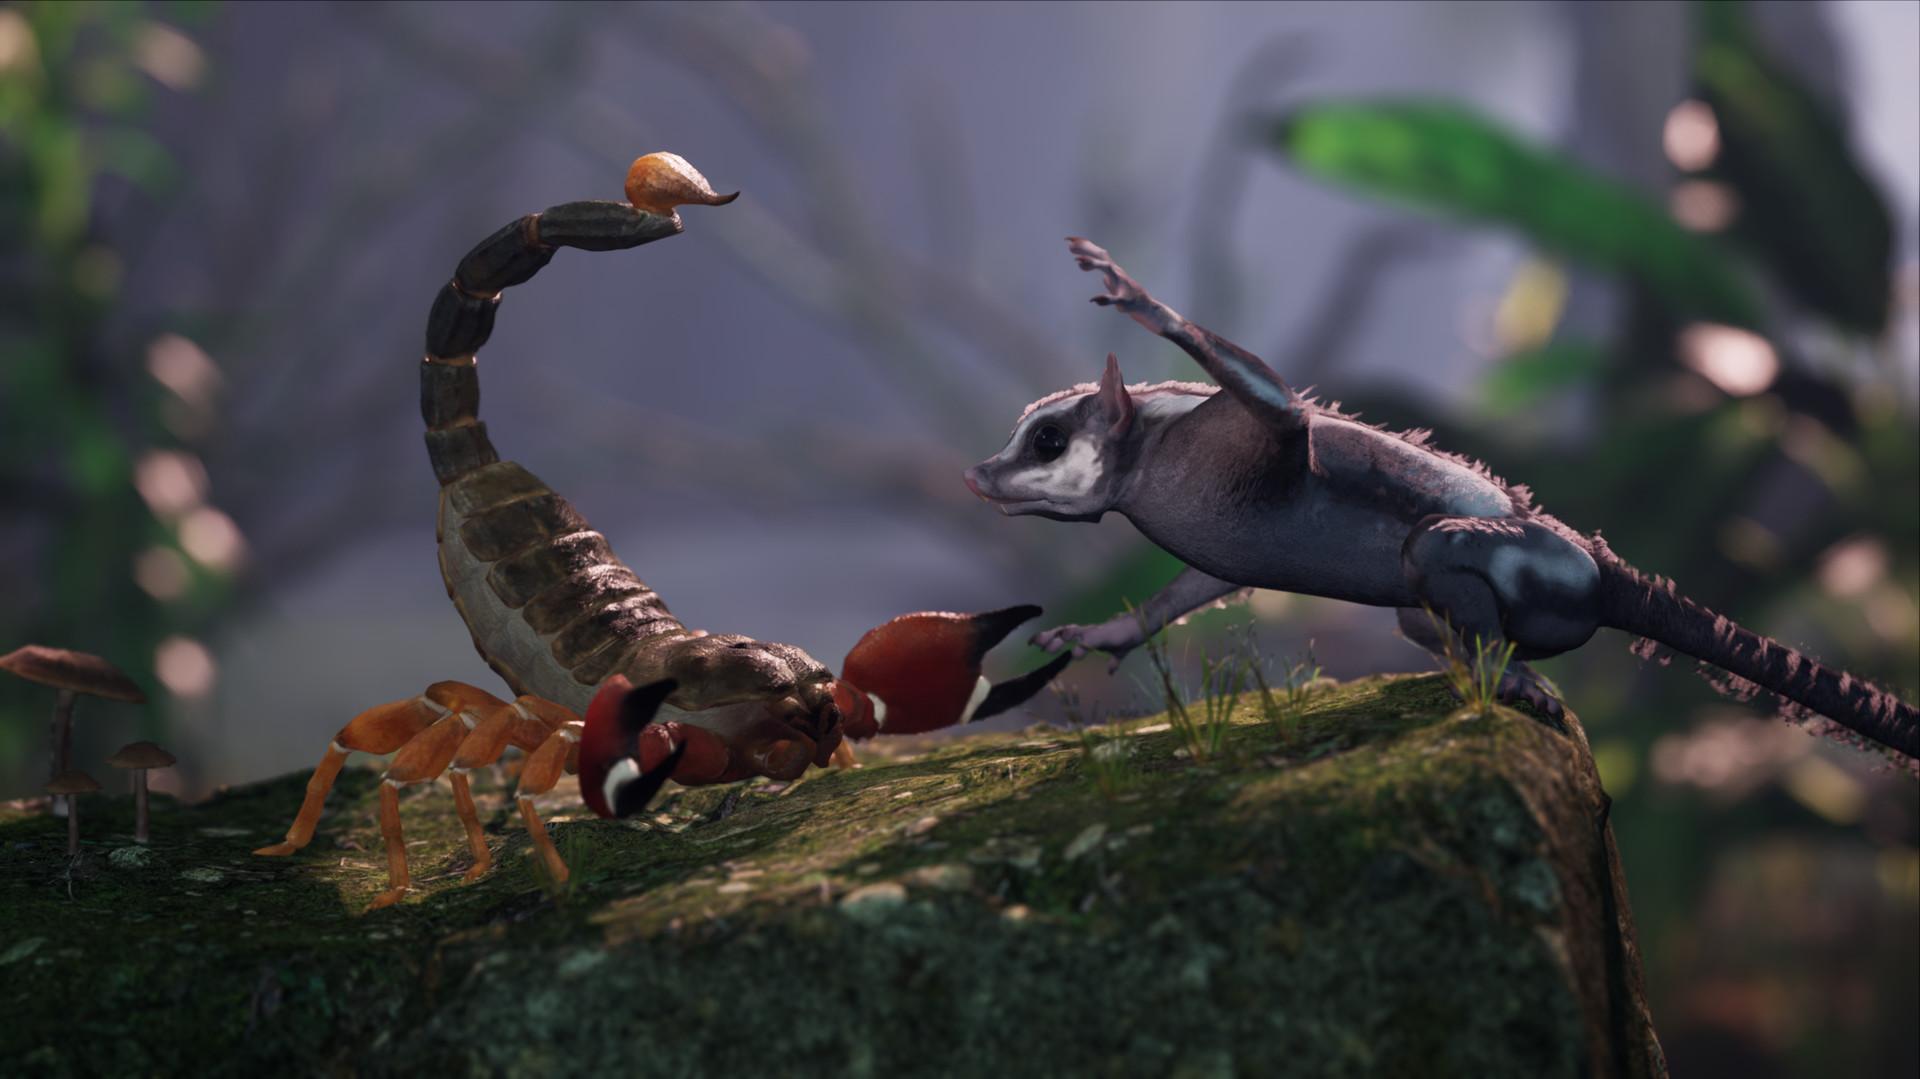 Novo trailer, protótipo jogável revelado para Away: The Survival Series